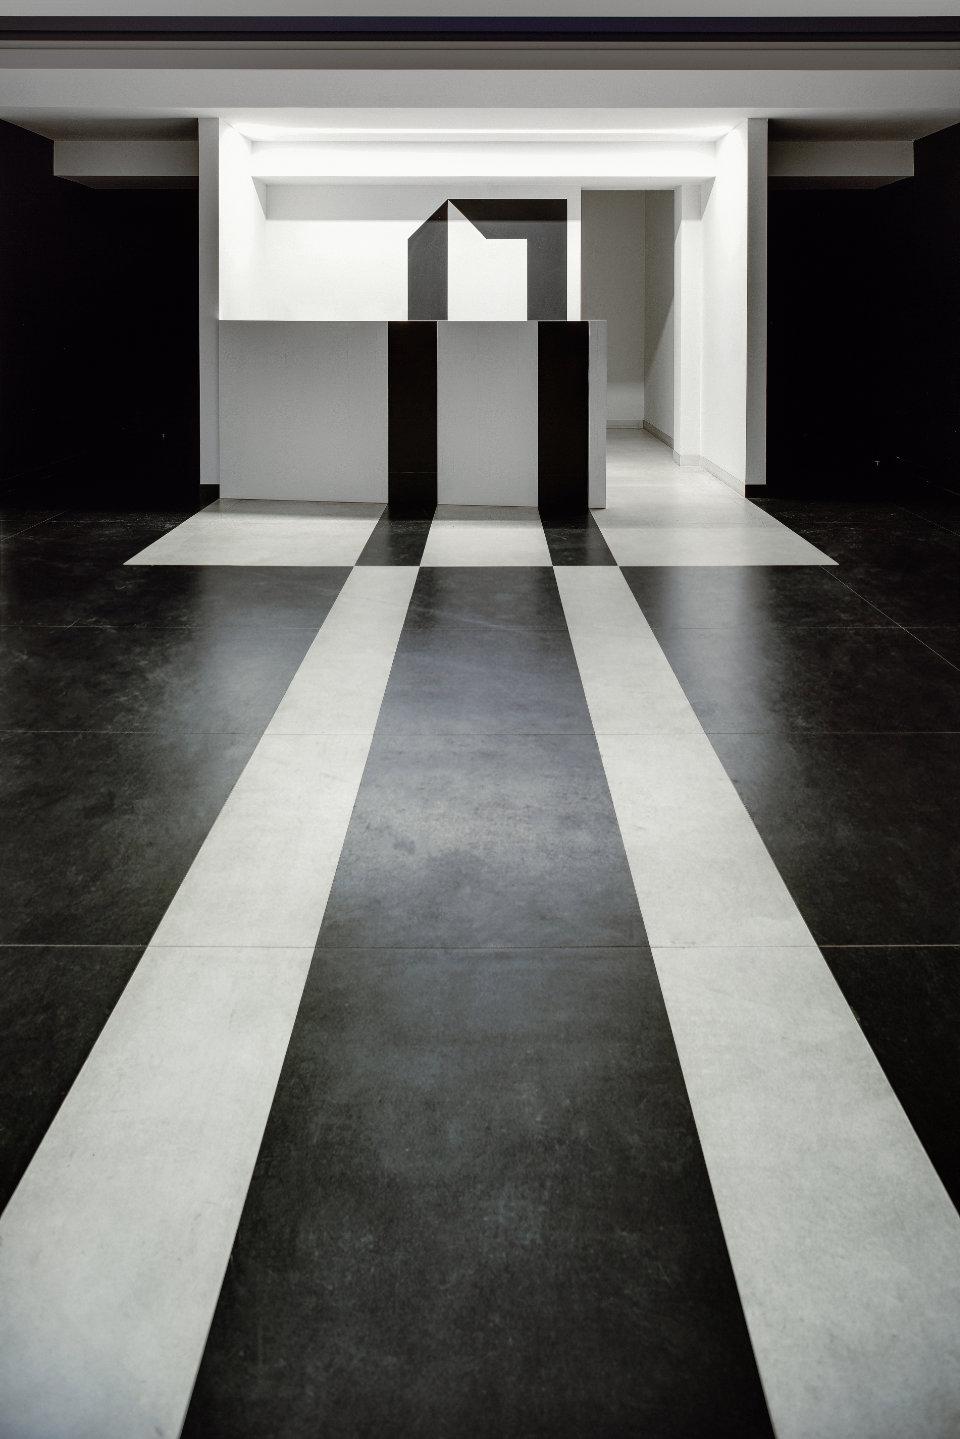 рецепція центру сучасного мистецтва М17